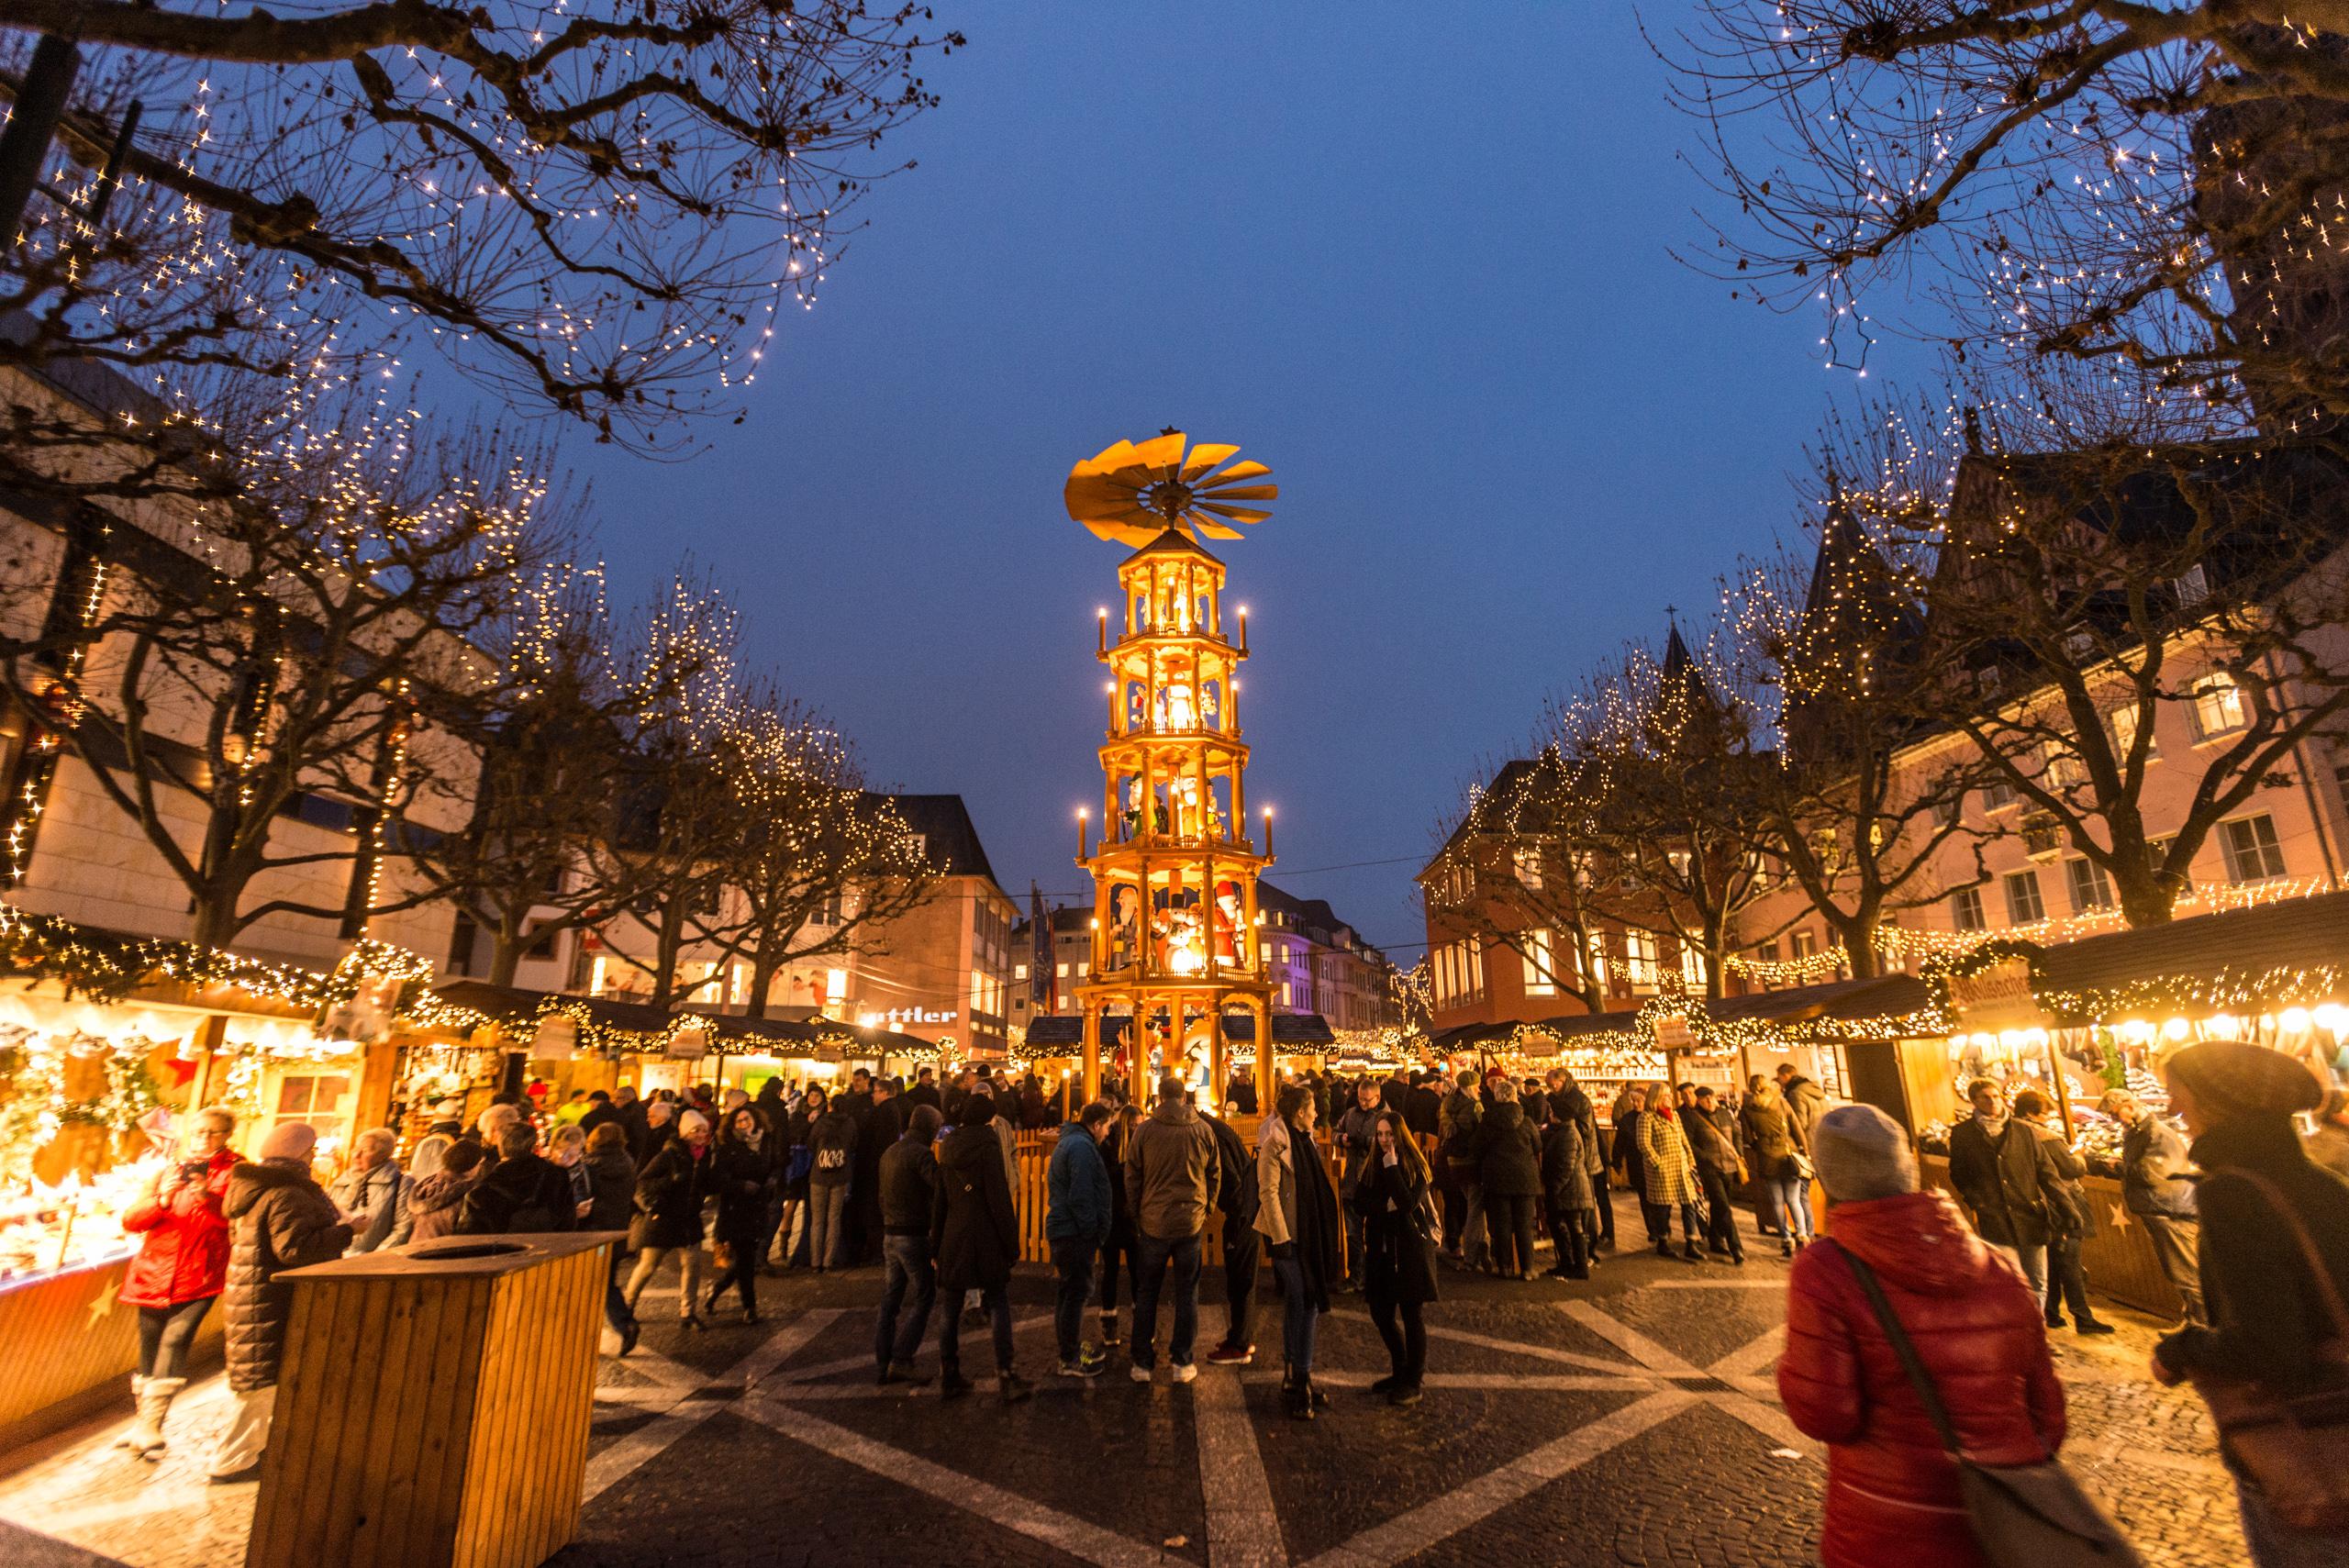 Blick auf die Weihnachtspyramide auf dem Mainzer Weihnachtsmarkt, Rheinhessen